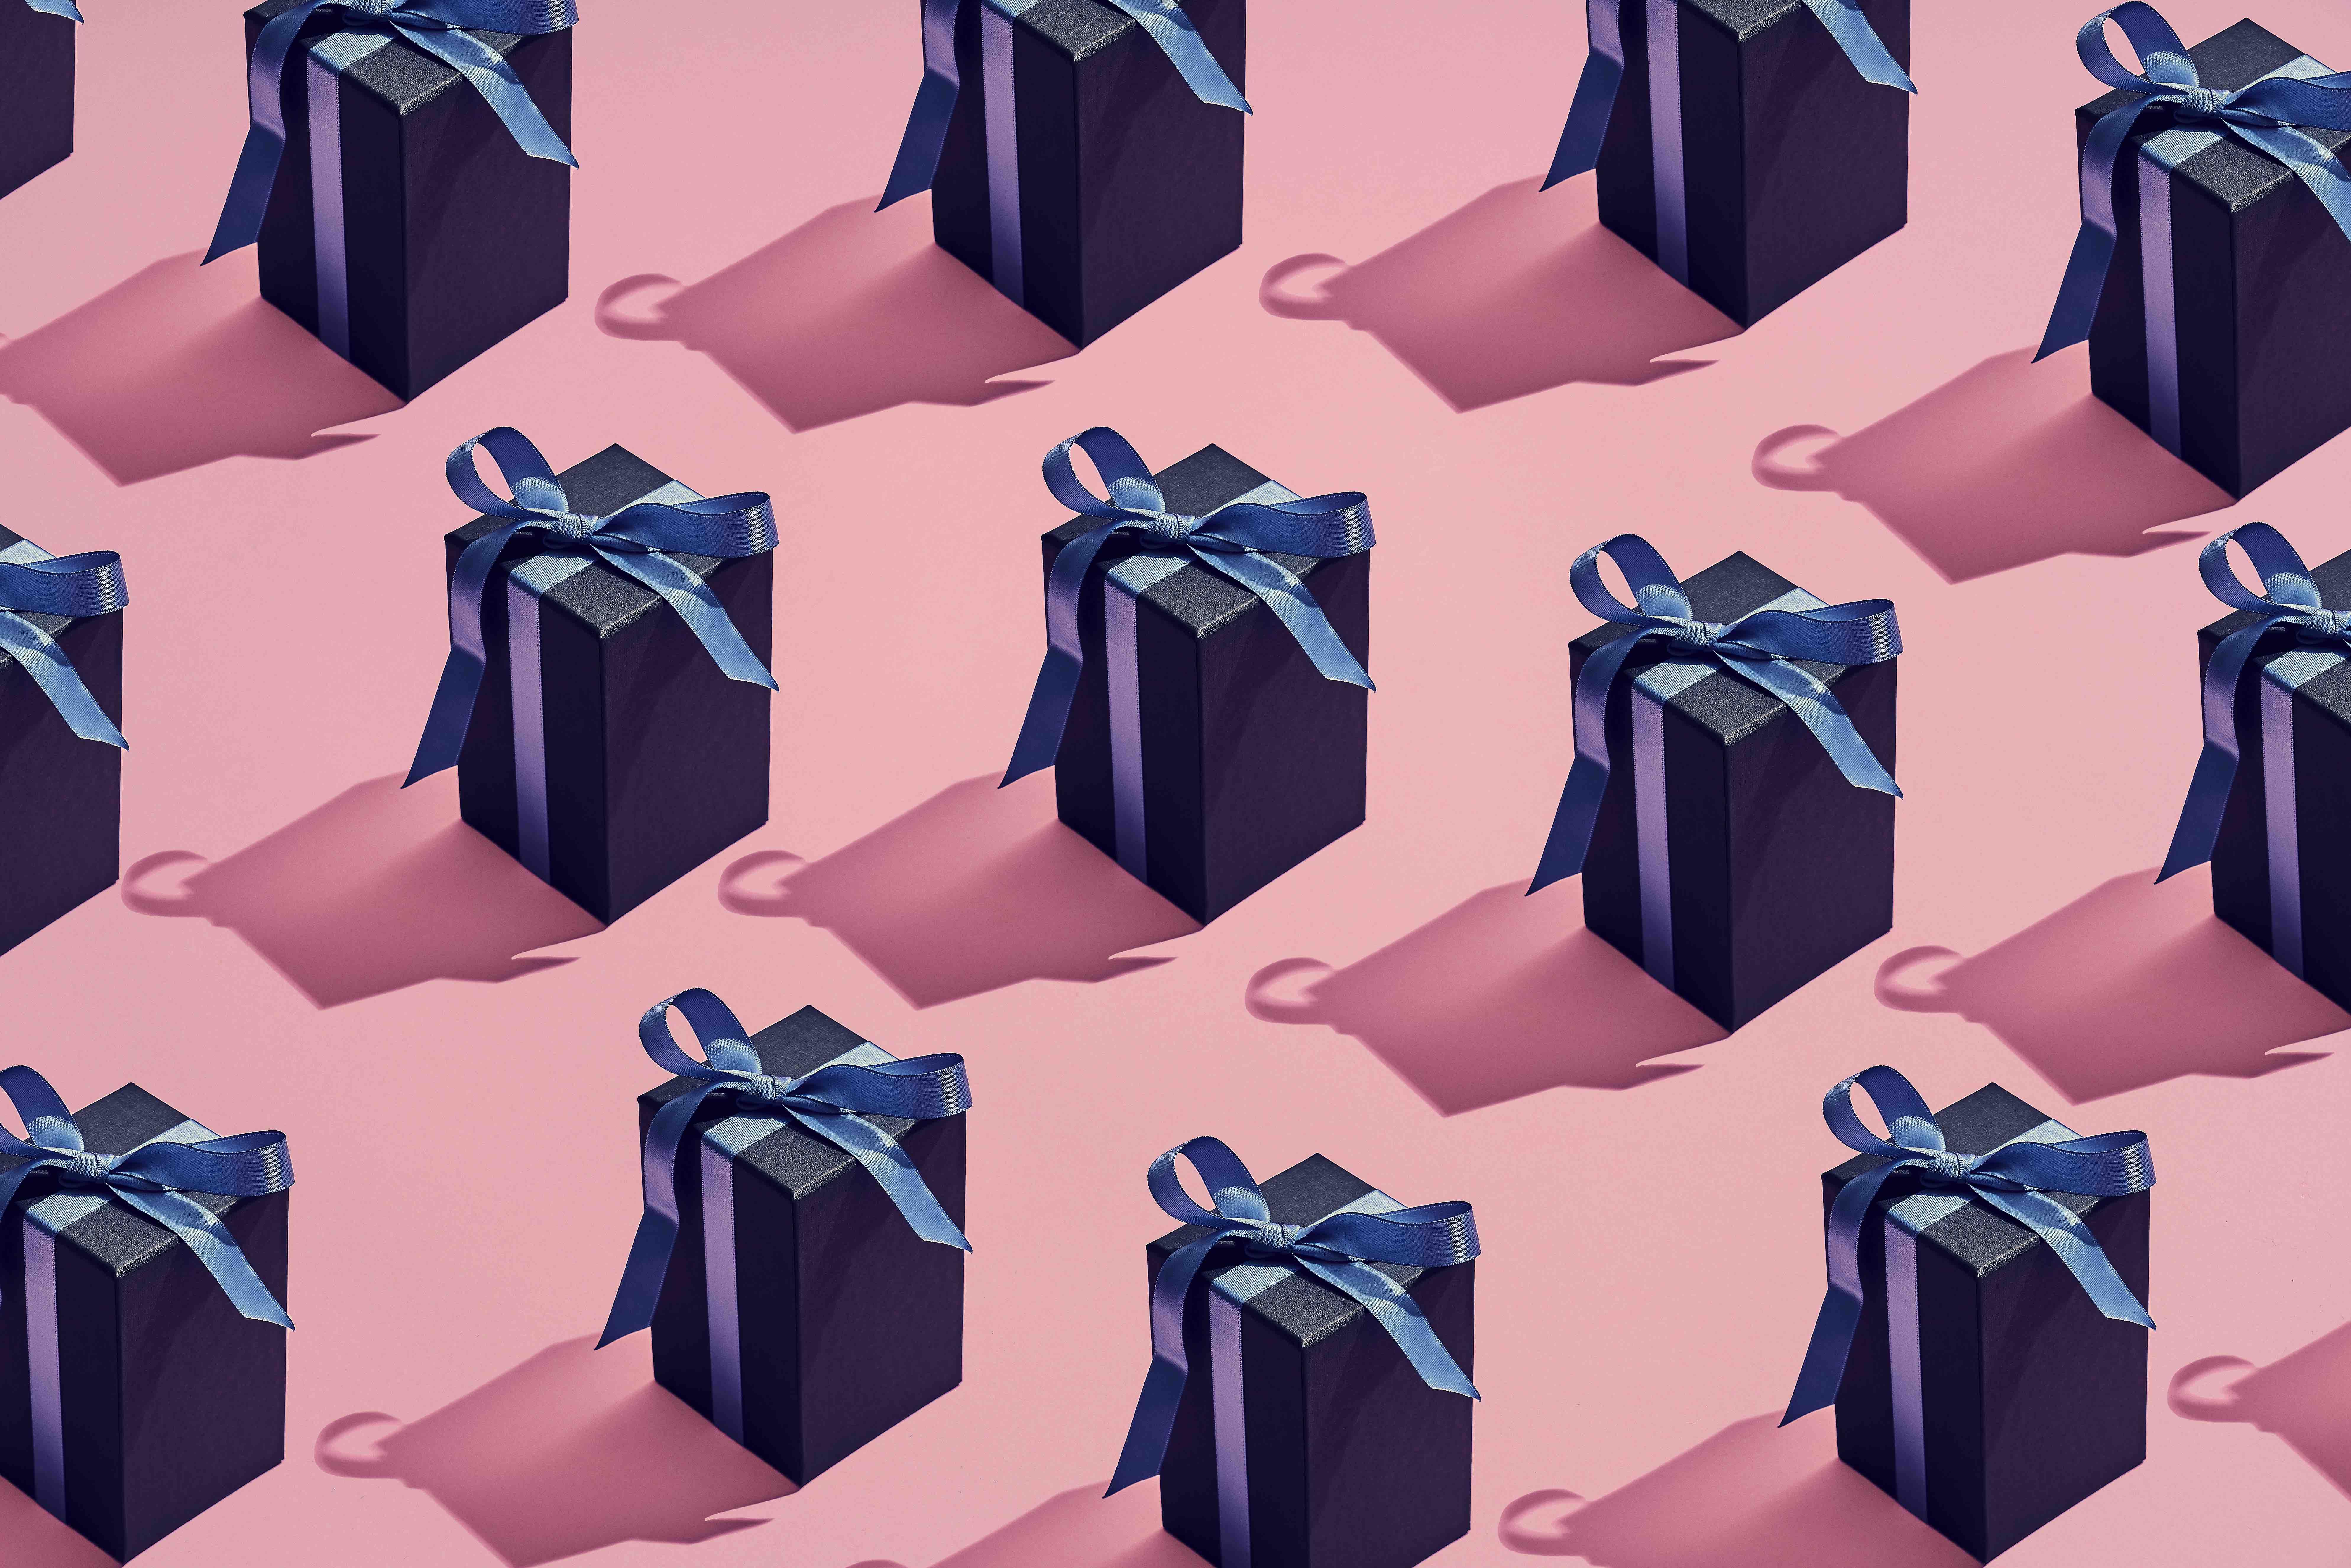 Caixas de presente escura com laço grande na parte superior da caixa. Página principal do Yahoo Shopping com ofertas, promoções, lançamentos e reviews de produtos.